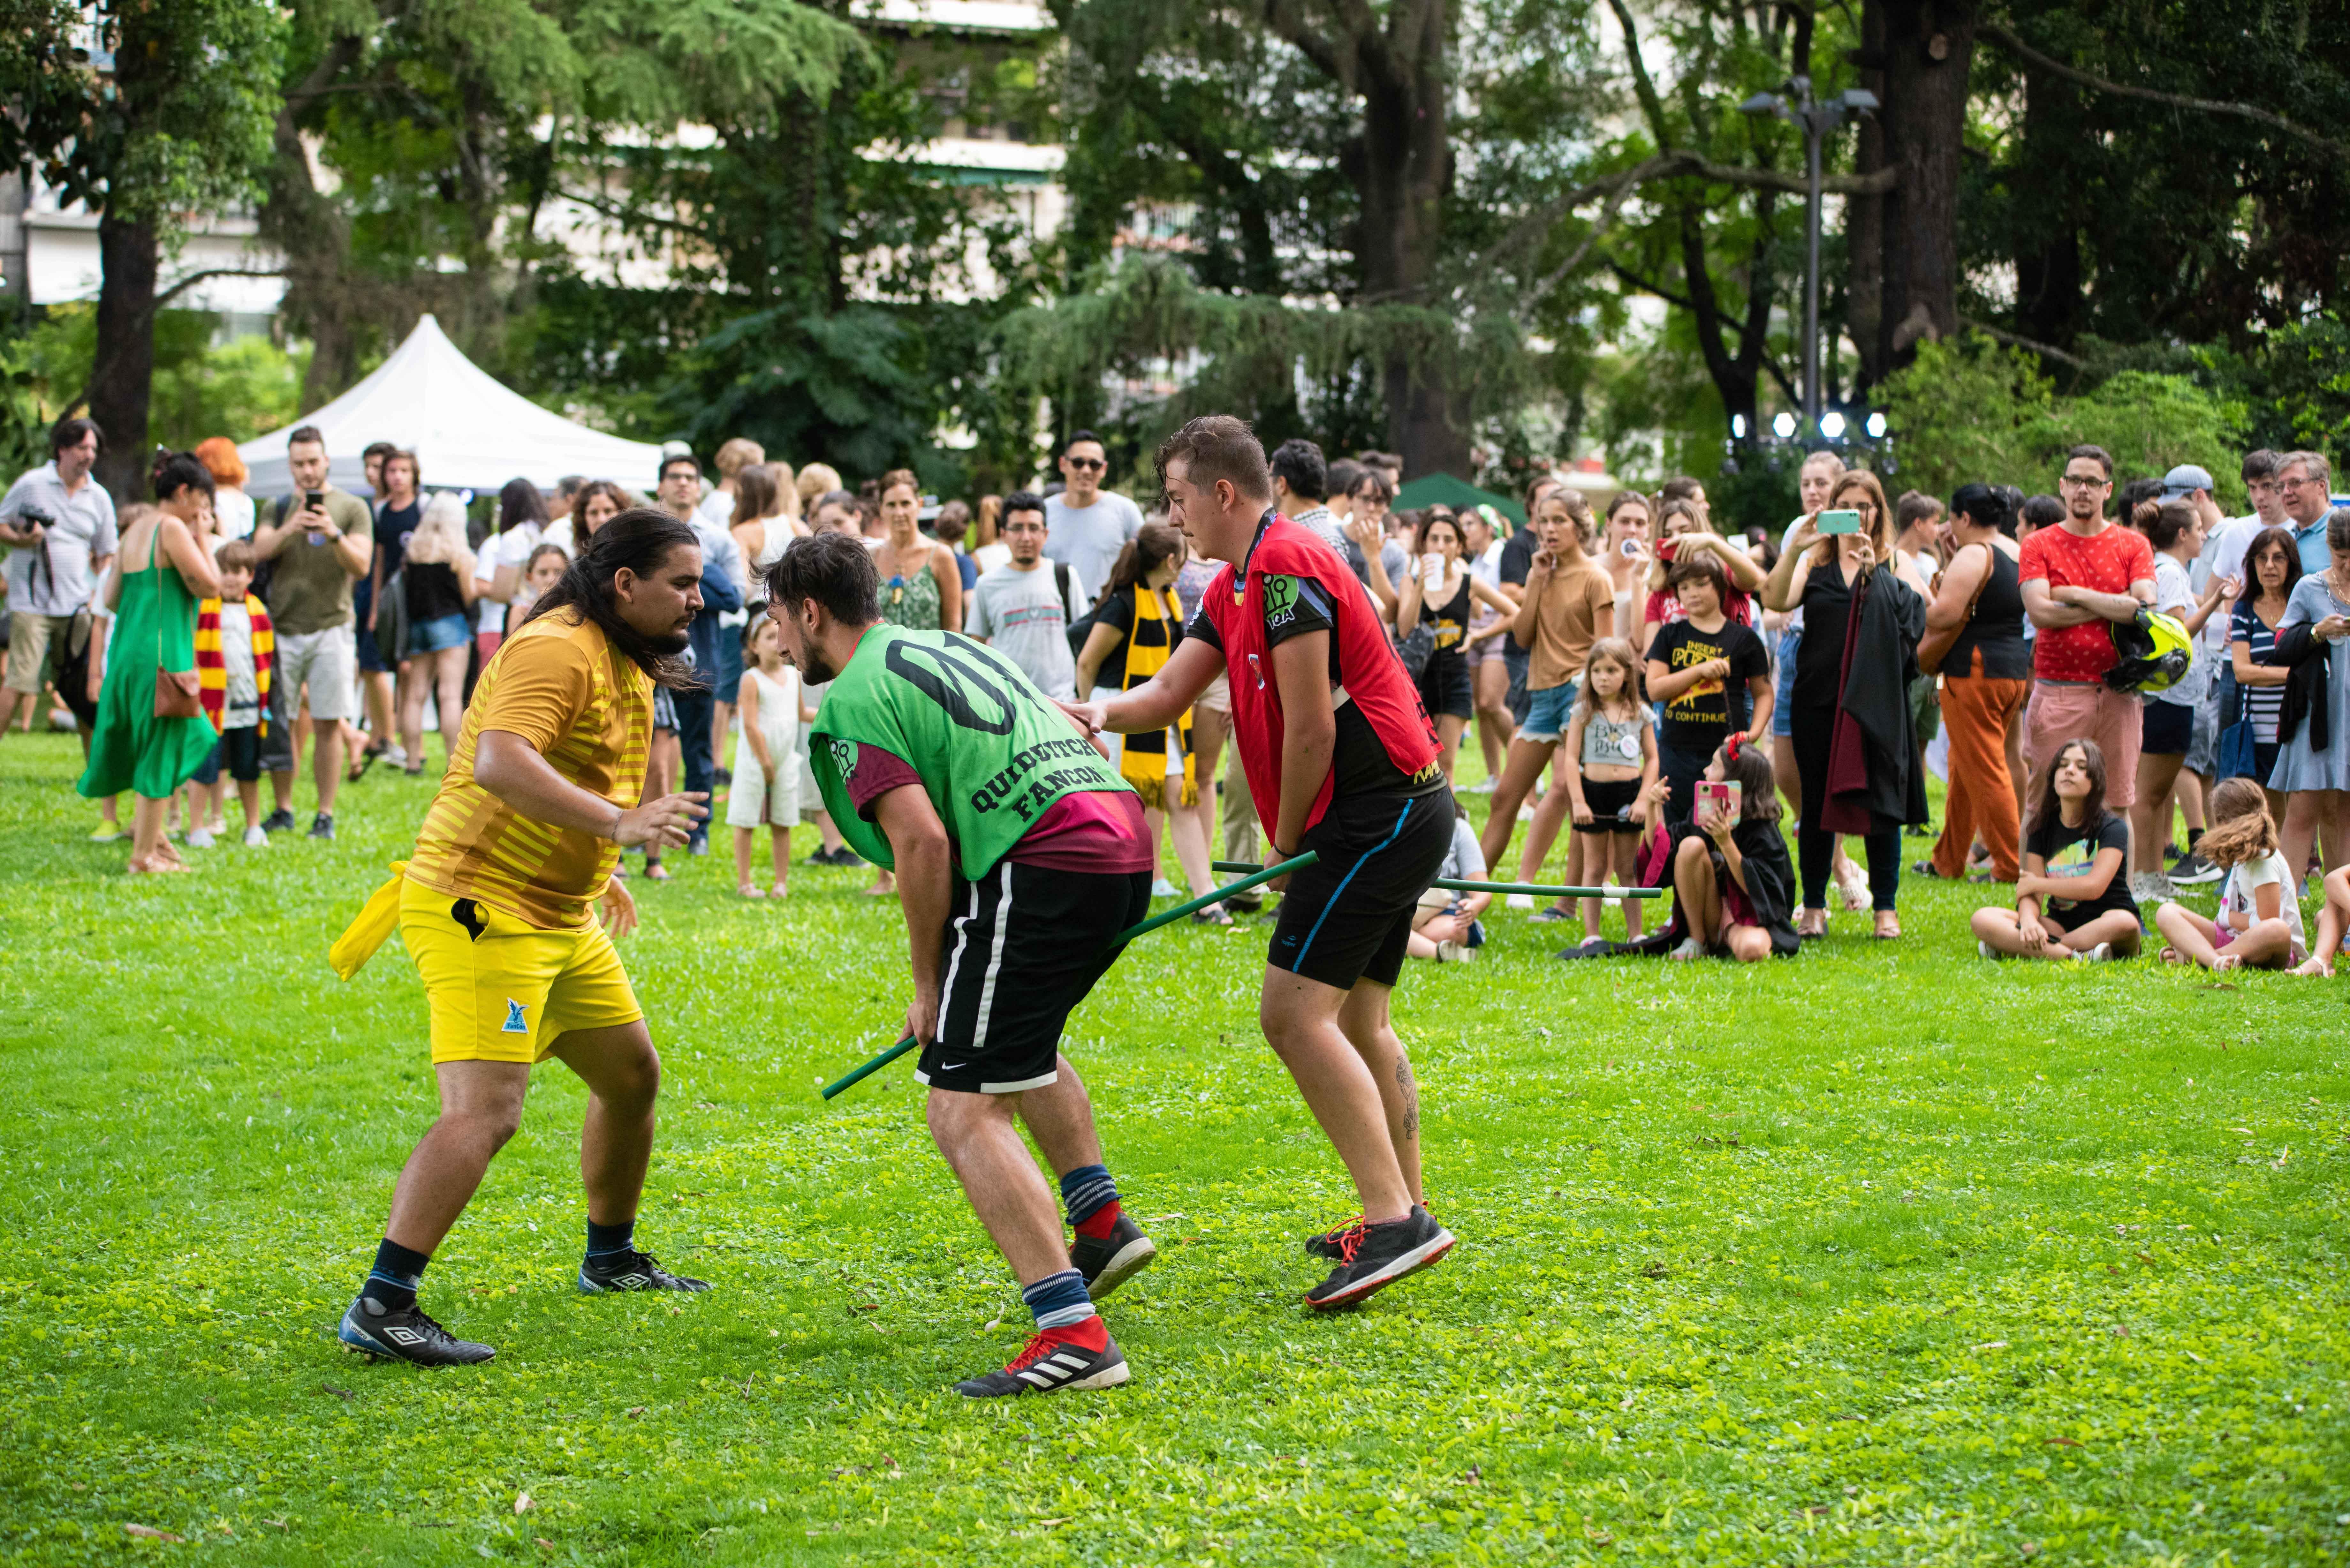 Bajo la mirada atenta del público, se llevó a cabo un partido de Quidditch